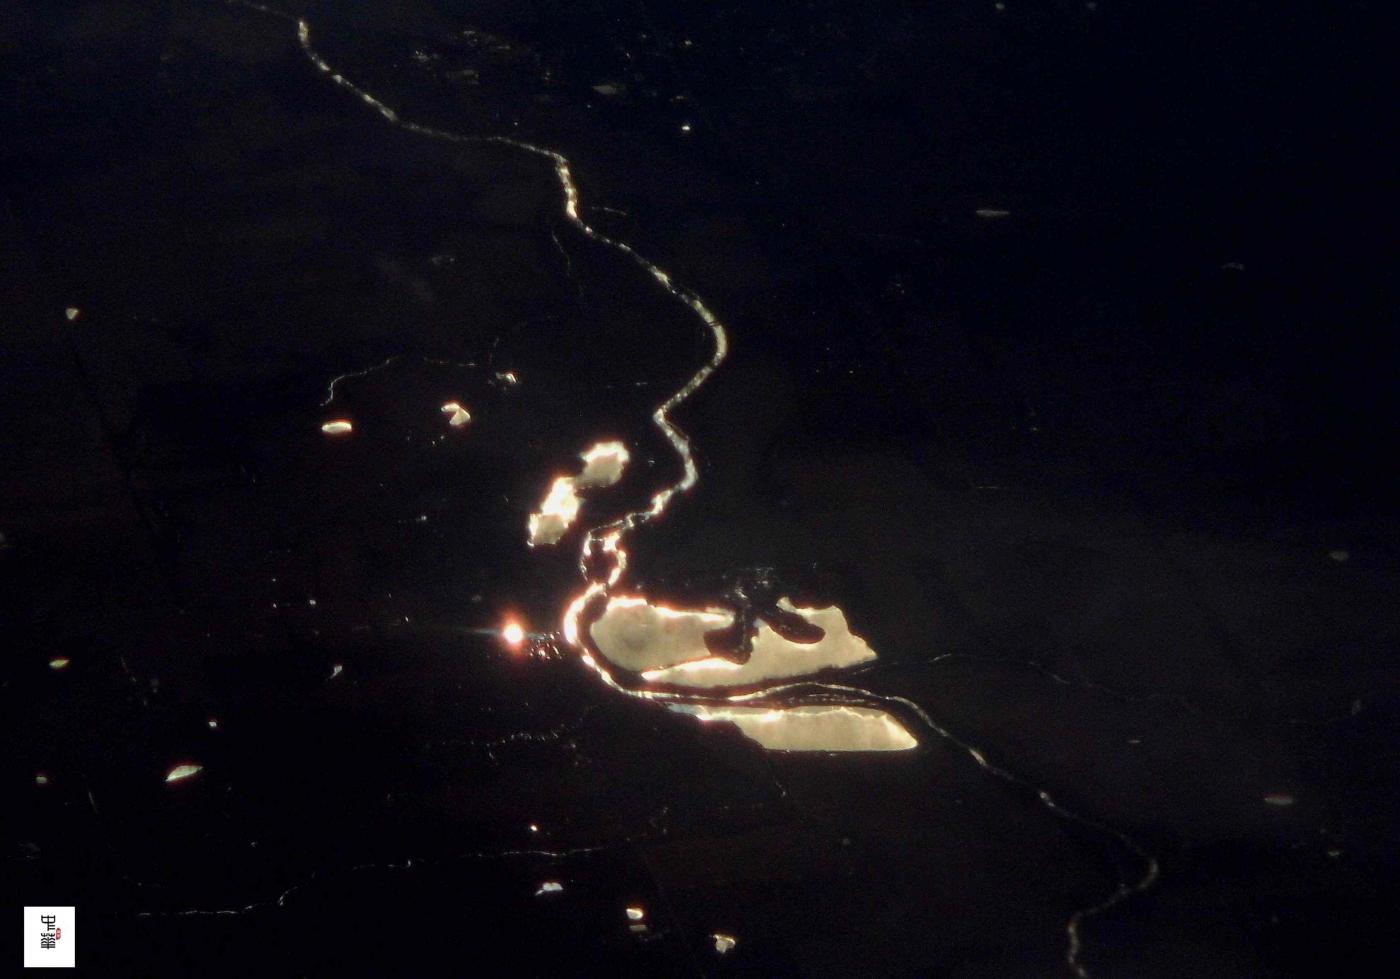 俯瞰美国河流水系照片 (中国四川 夏中华)_图1-11